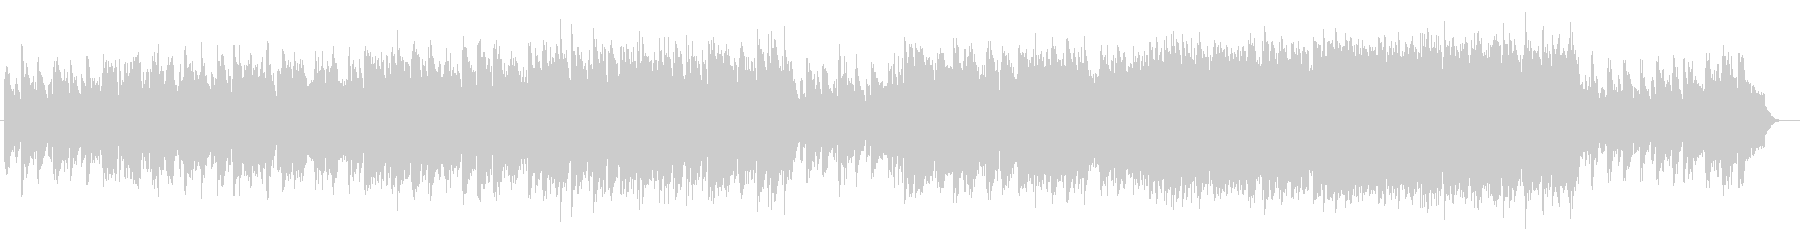 切ないシンセサイザーバラード系サウンドの未再生の波形